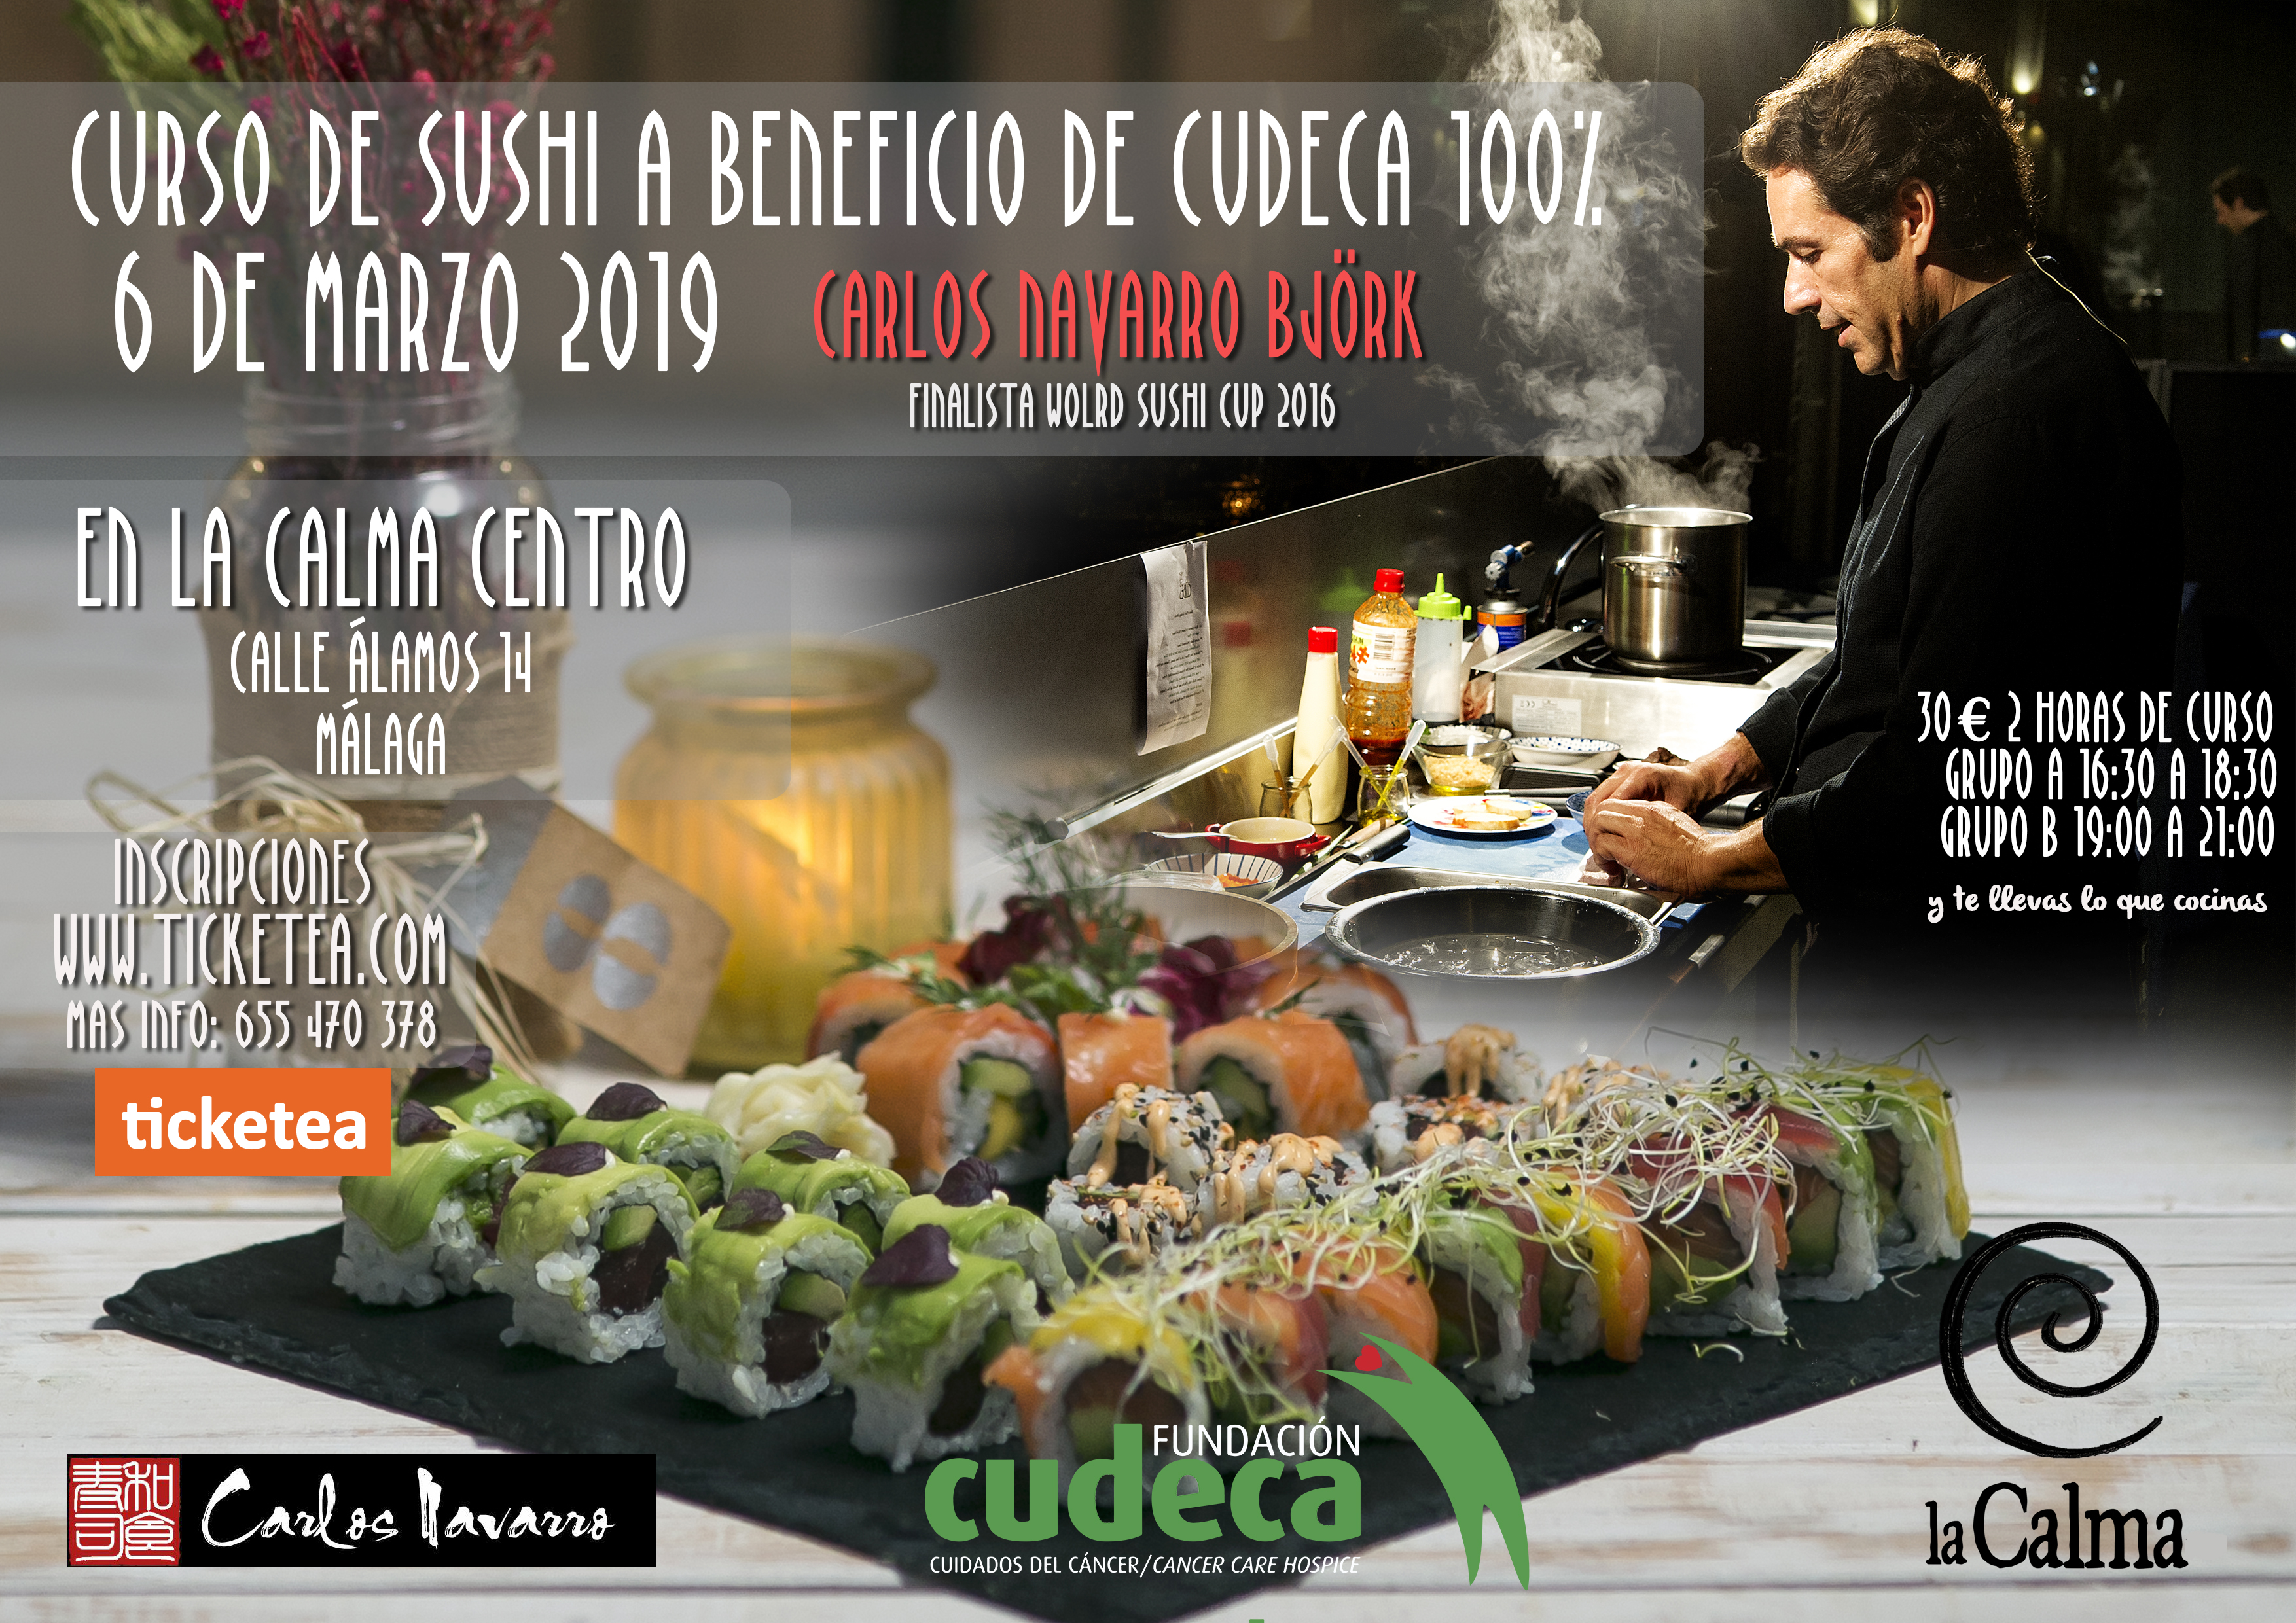 II Curso de sushi Carlos Navarro a beneficio de CUDECA en la Calma centro